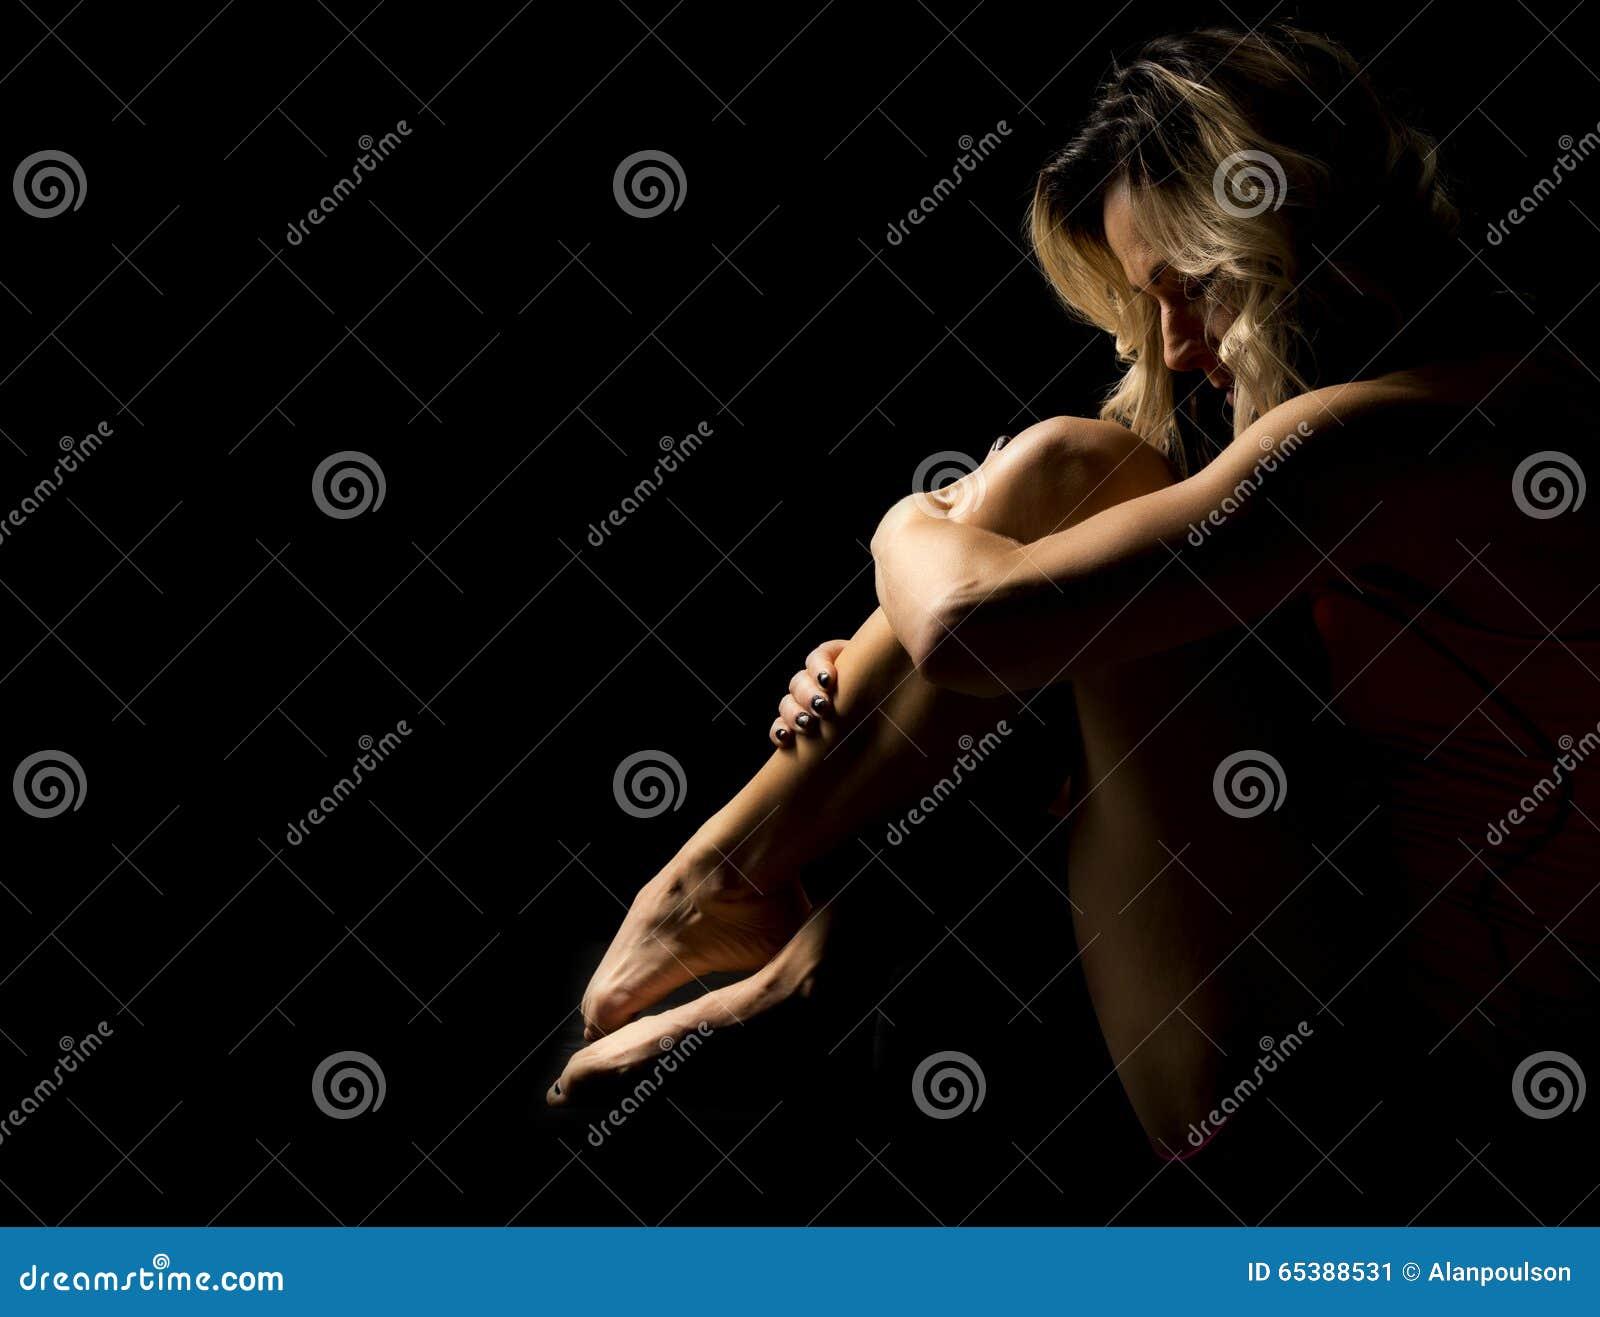 Séance de femme courbée vers le haut du highlightd